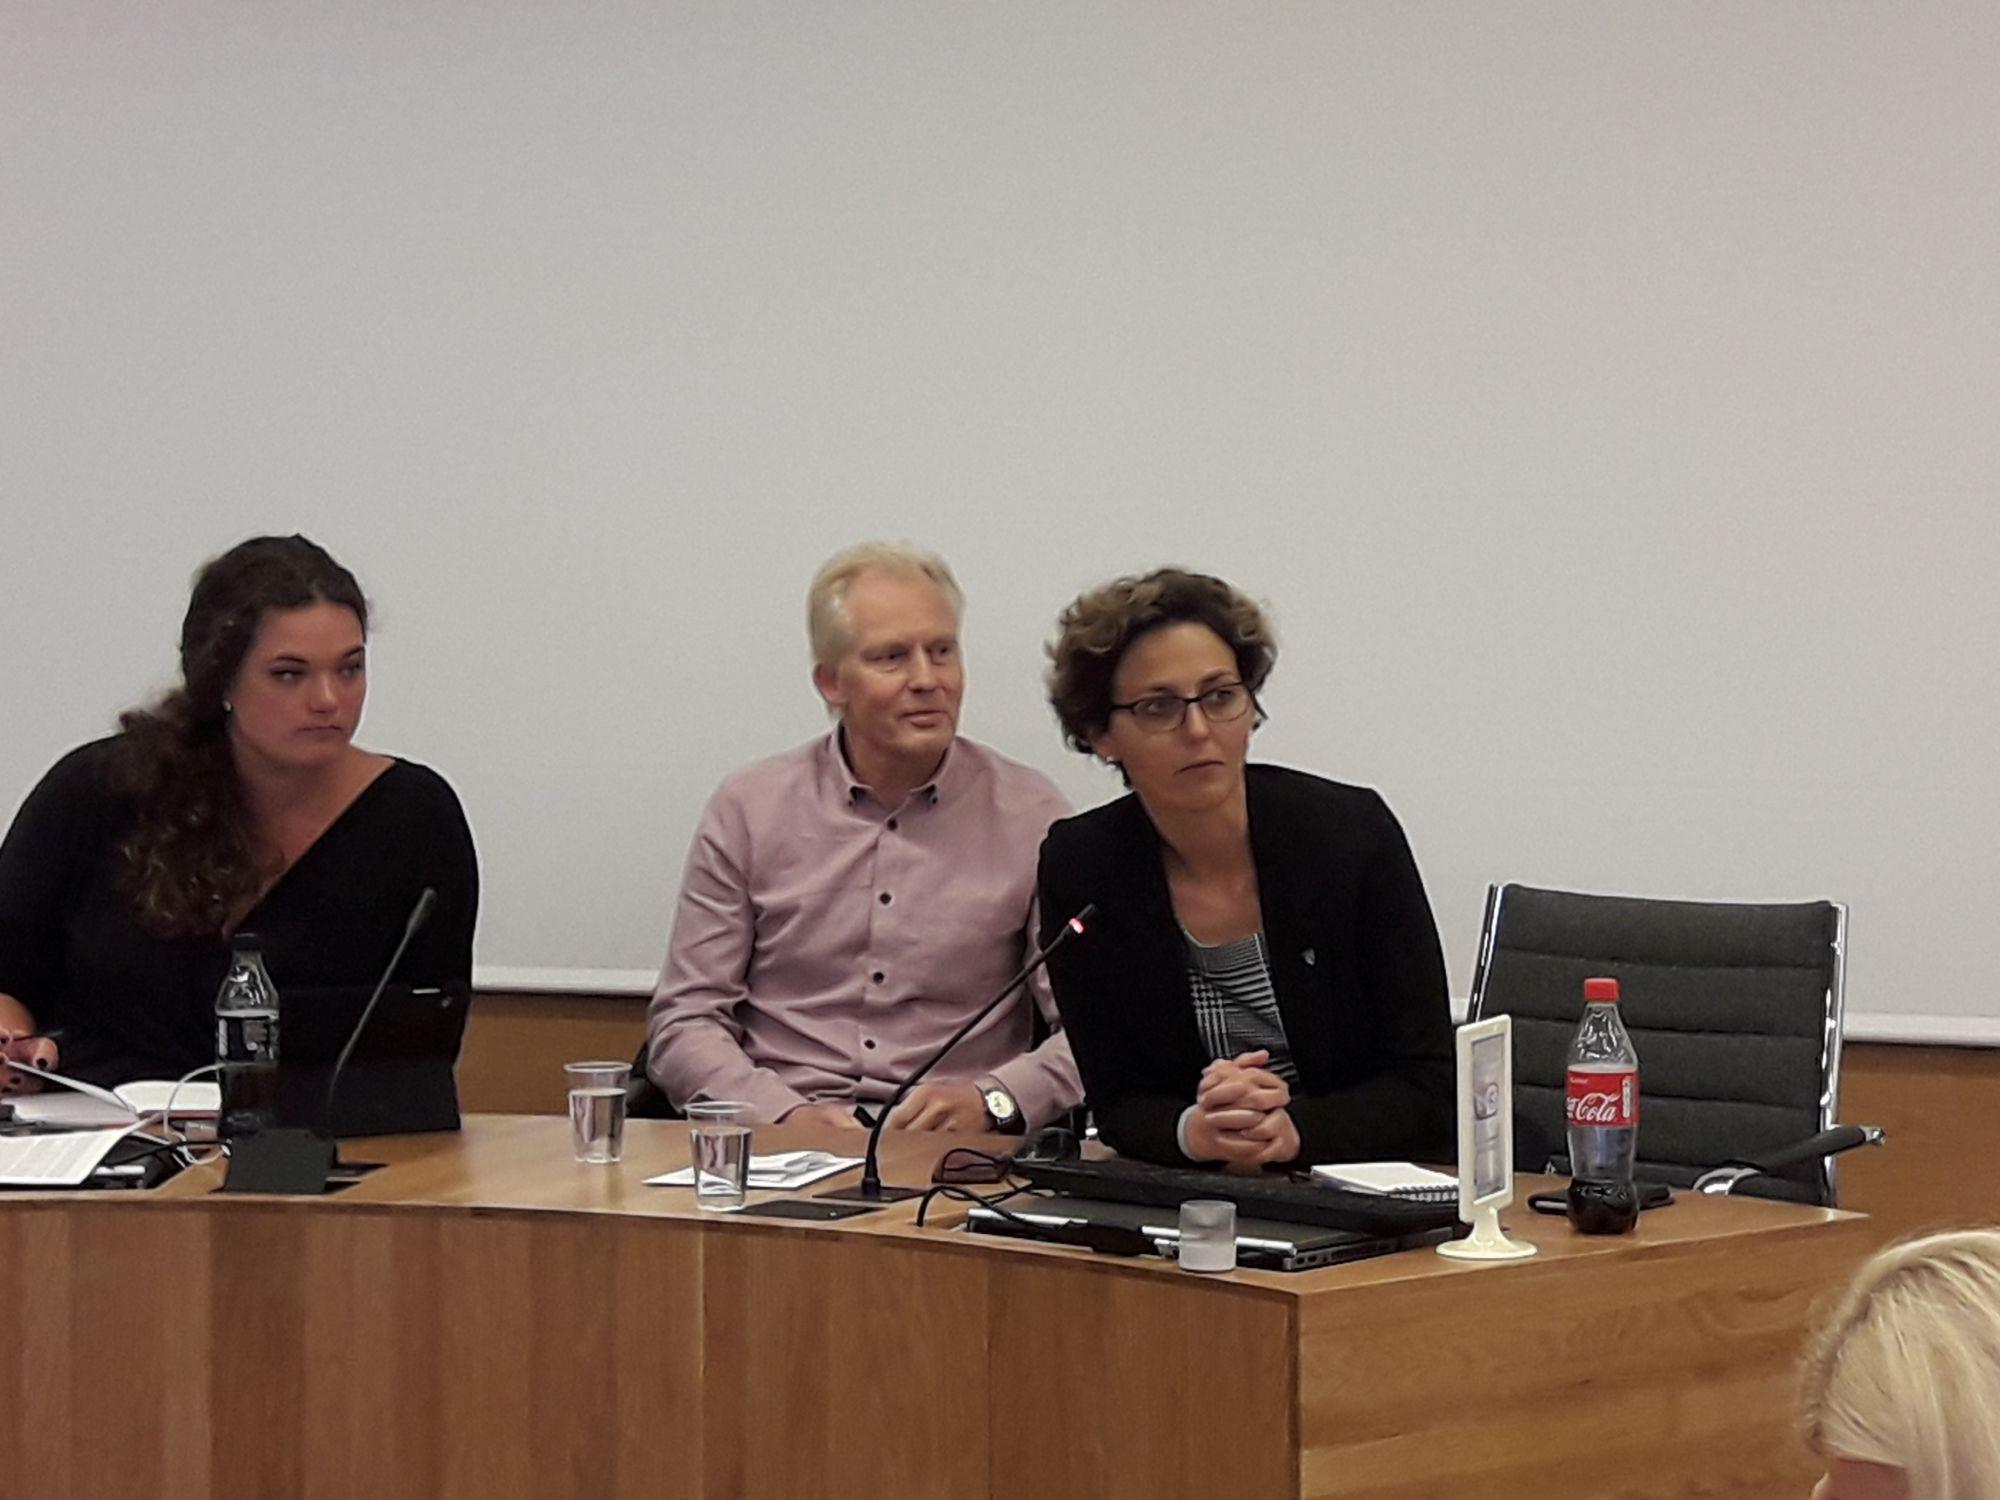 Fra venstre: Partisekretær Jannike Arnesen, leder Jan Oddvar Skisland og nestleder Astrid Hilde.